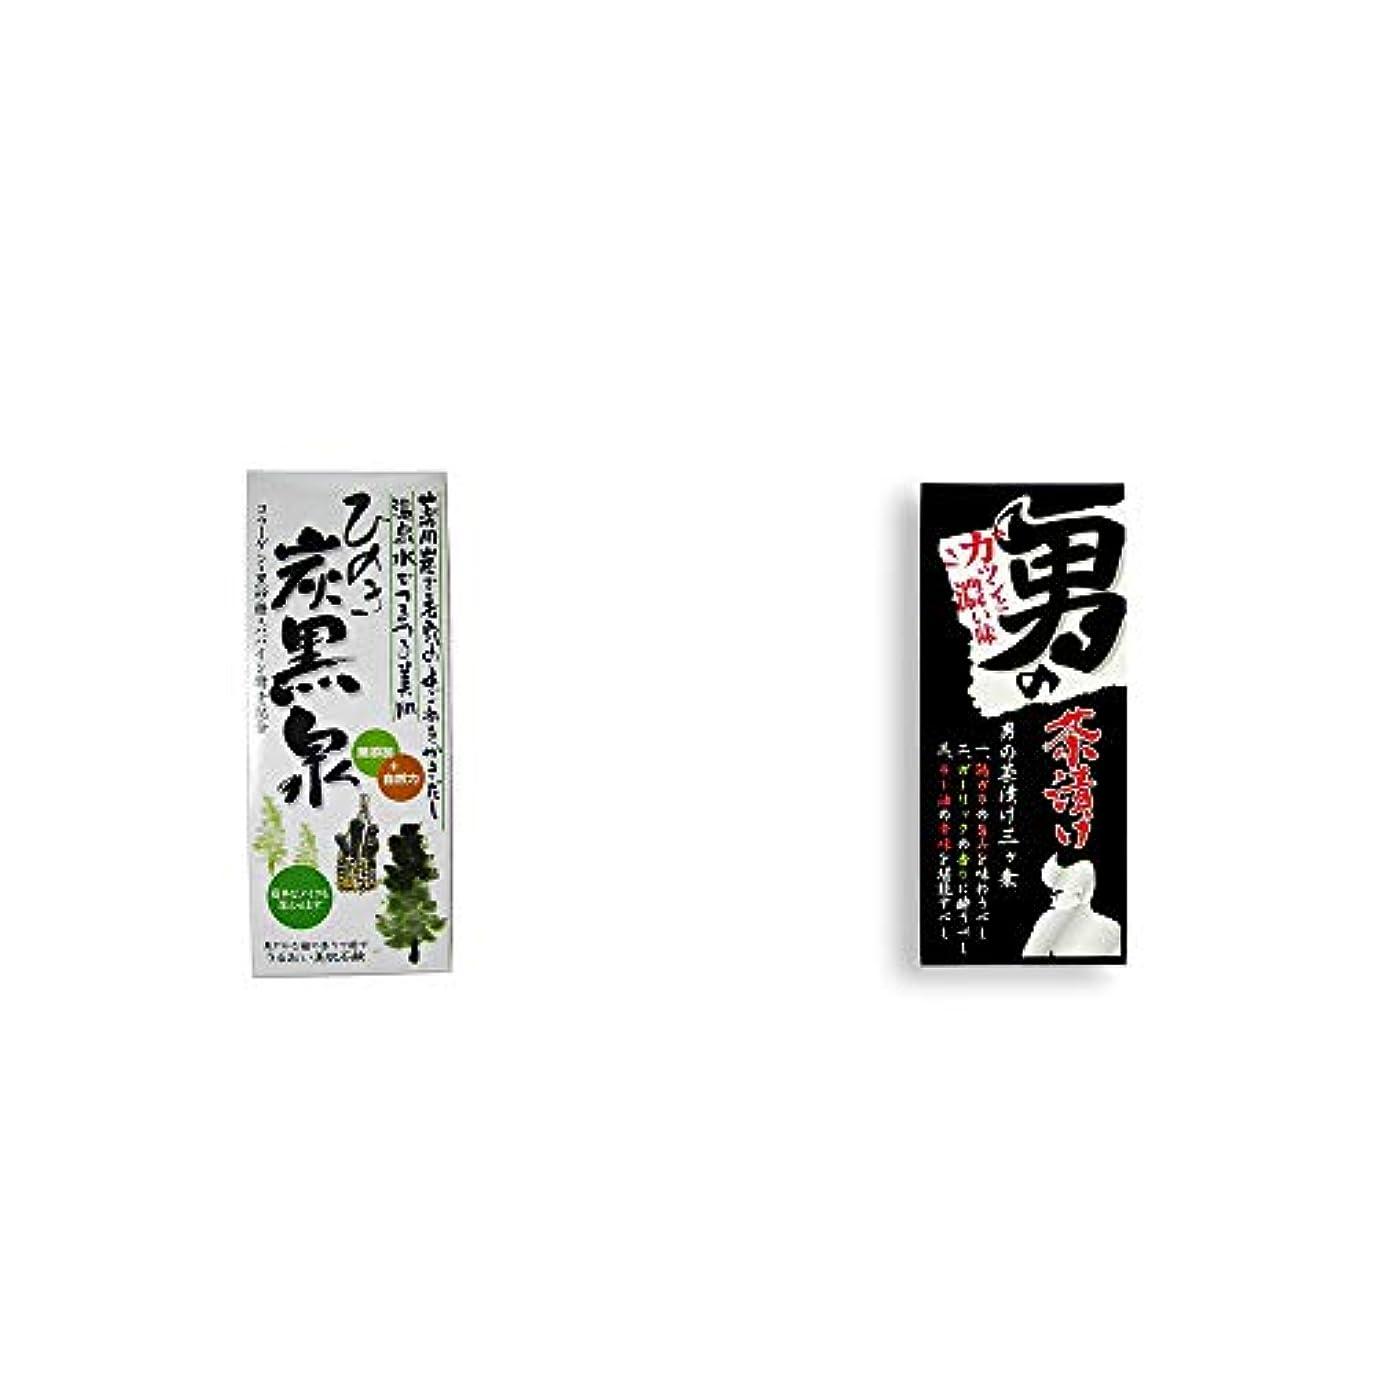 わずらわしい内向き排気[2点セット] ひのき炭黒泉 箱入り(75g×3)?男の茶漬け(4.8g×8袋)